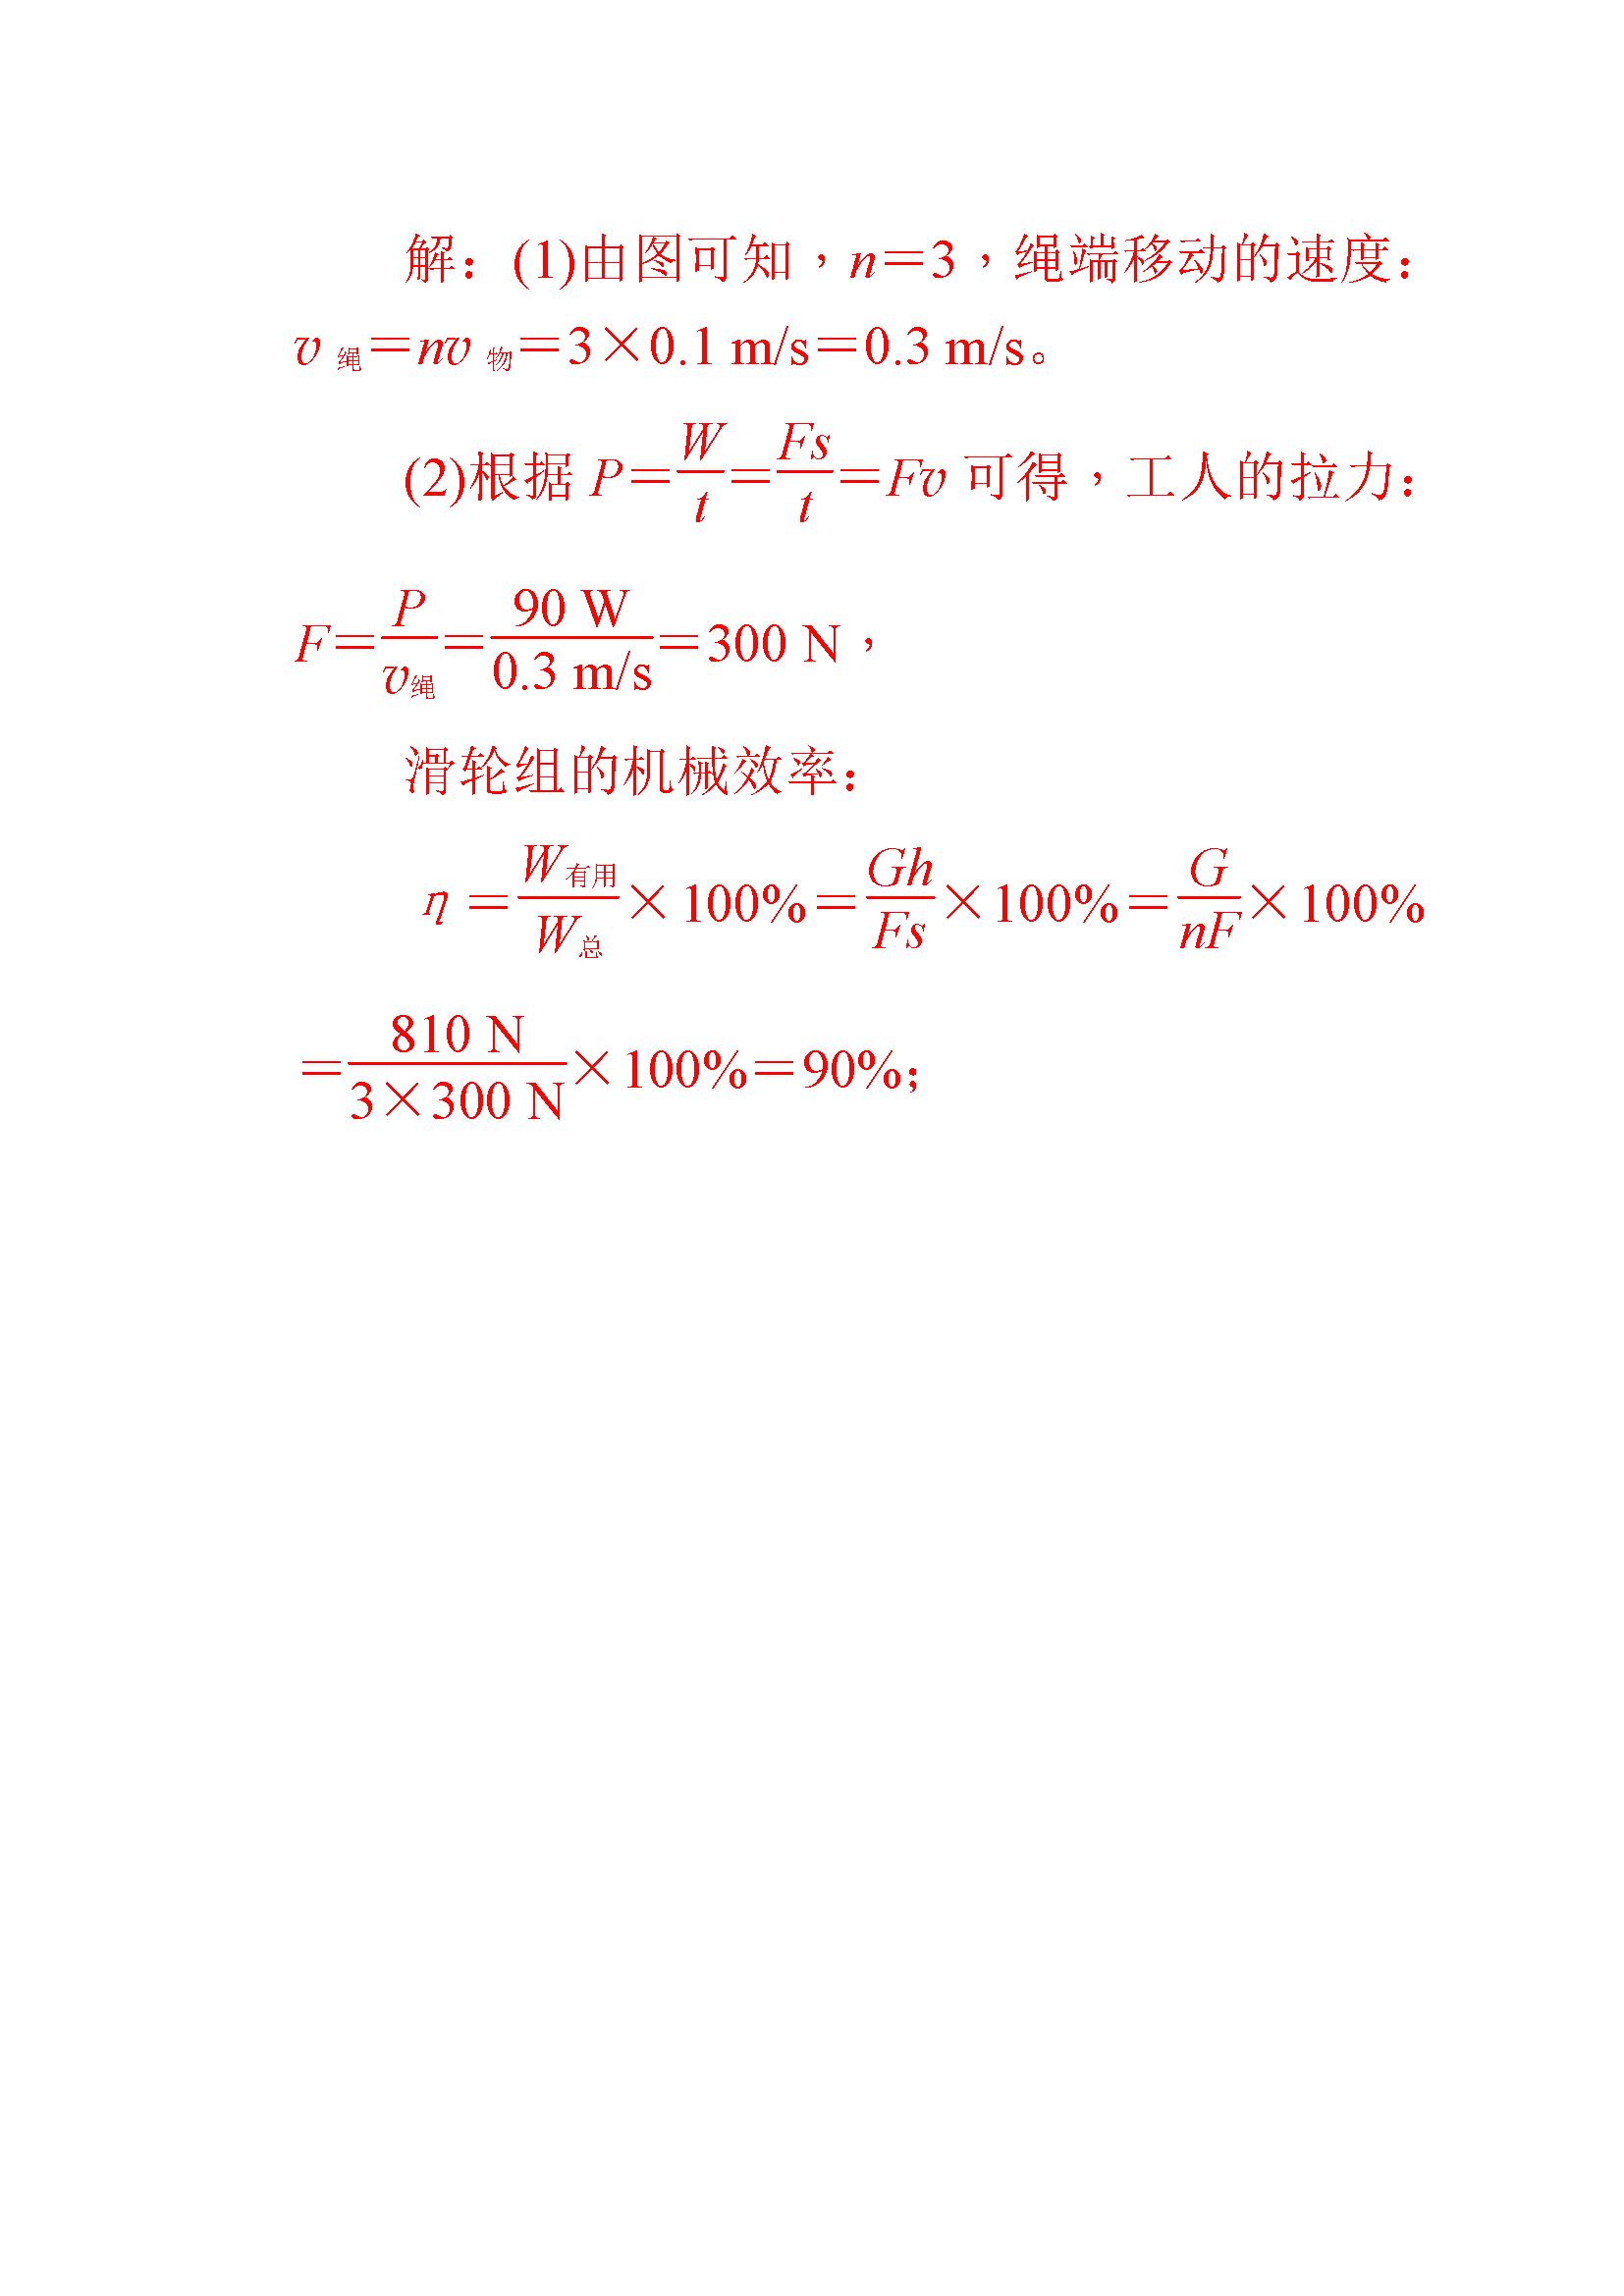 2018中考物理力学综合计算压轴题练习(五)答案(图片版)